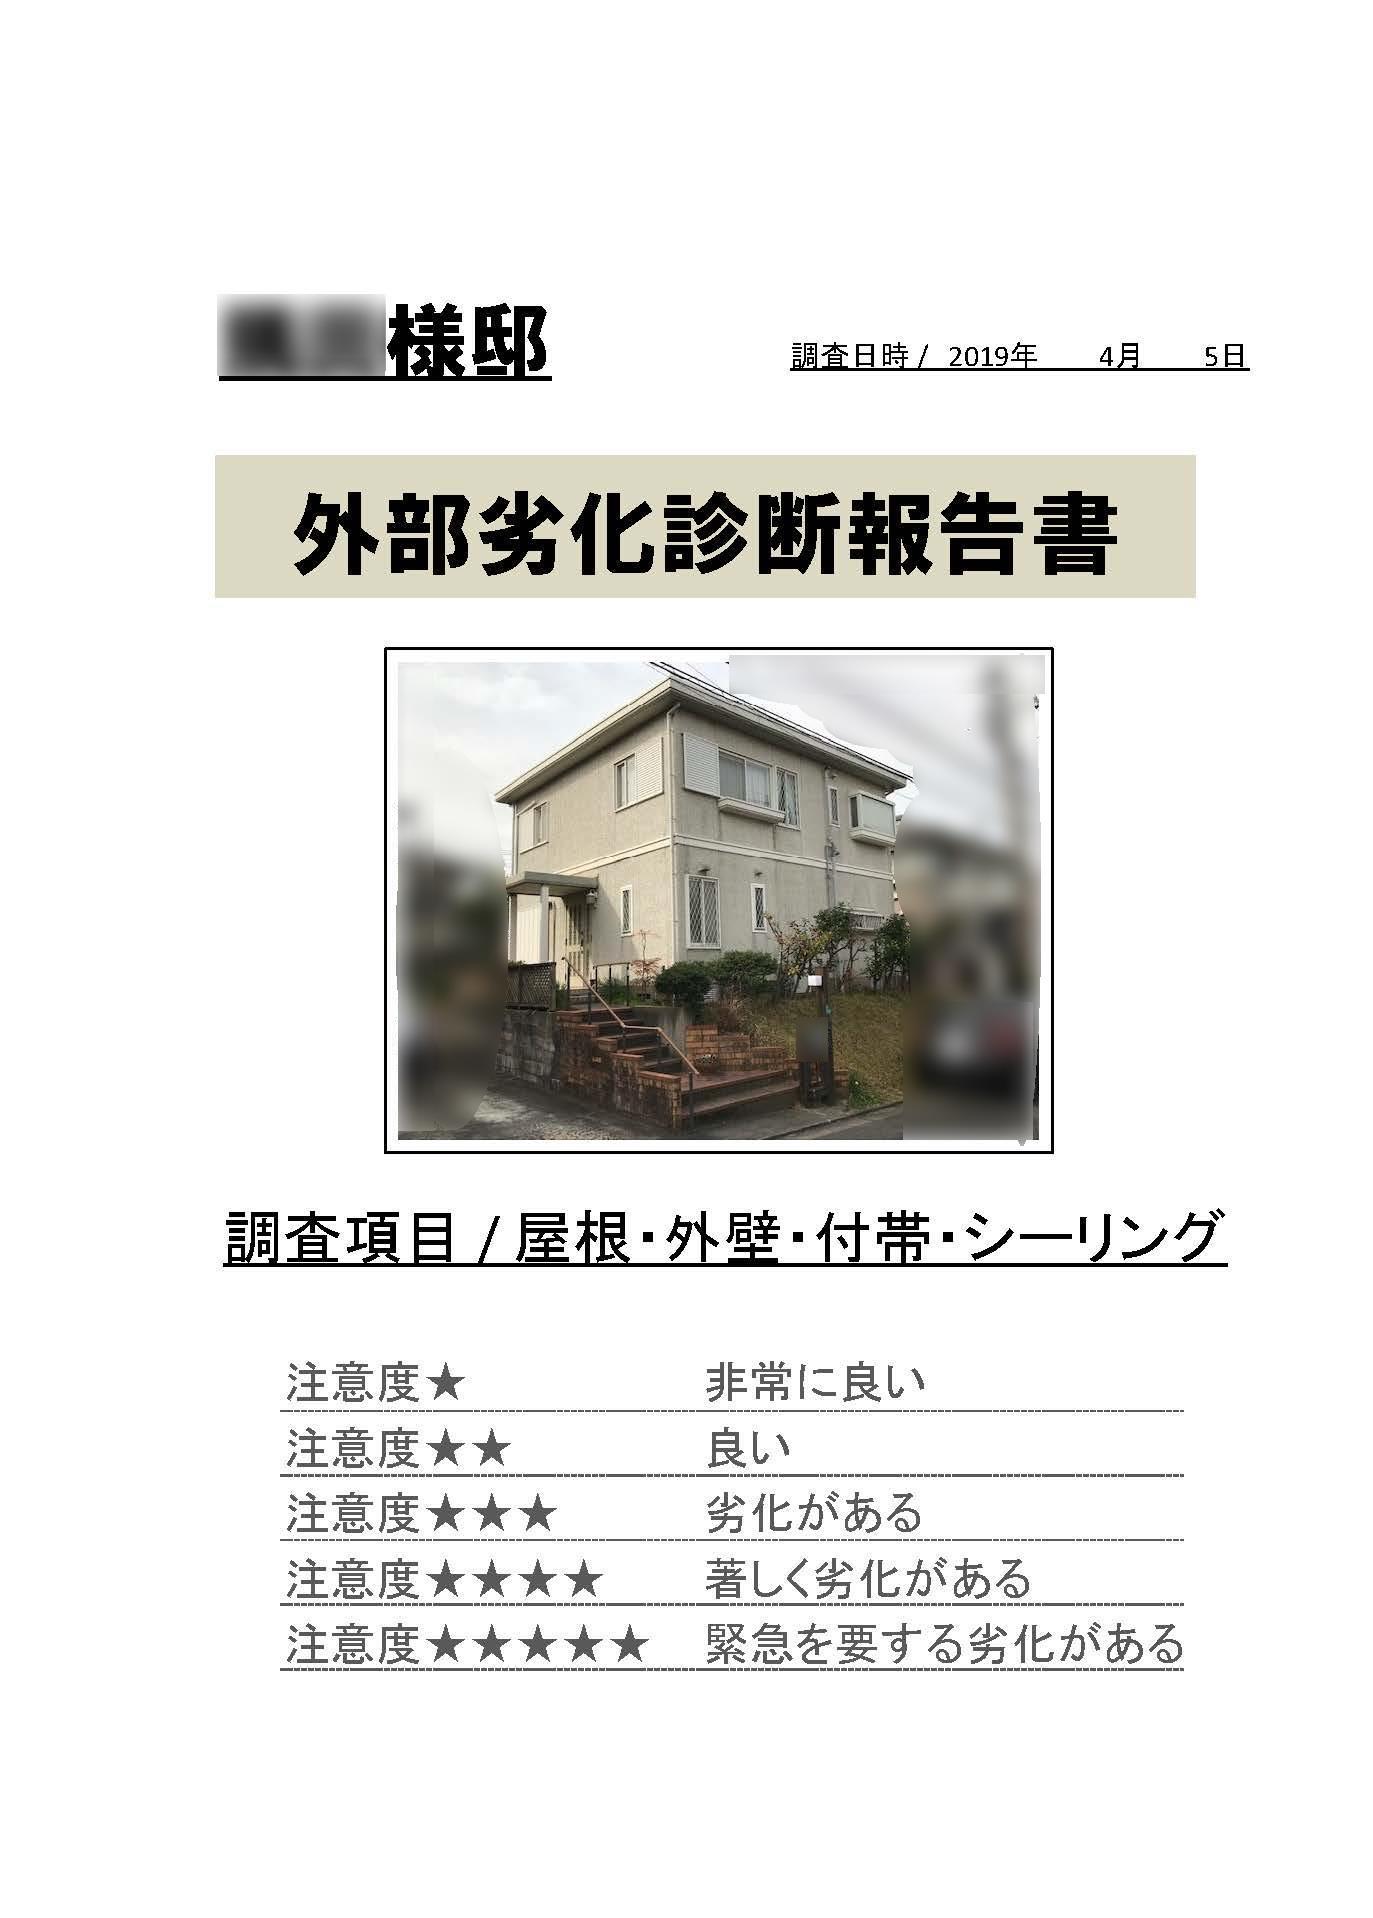 建物 診断 報告書